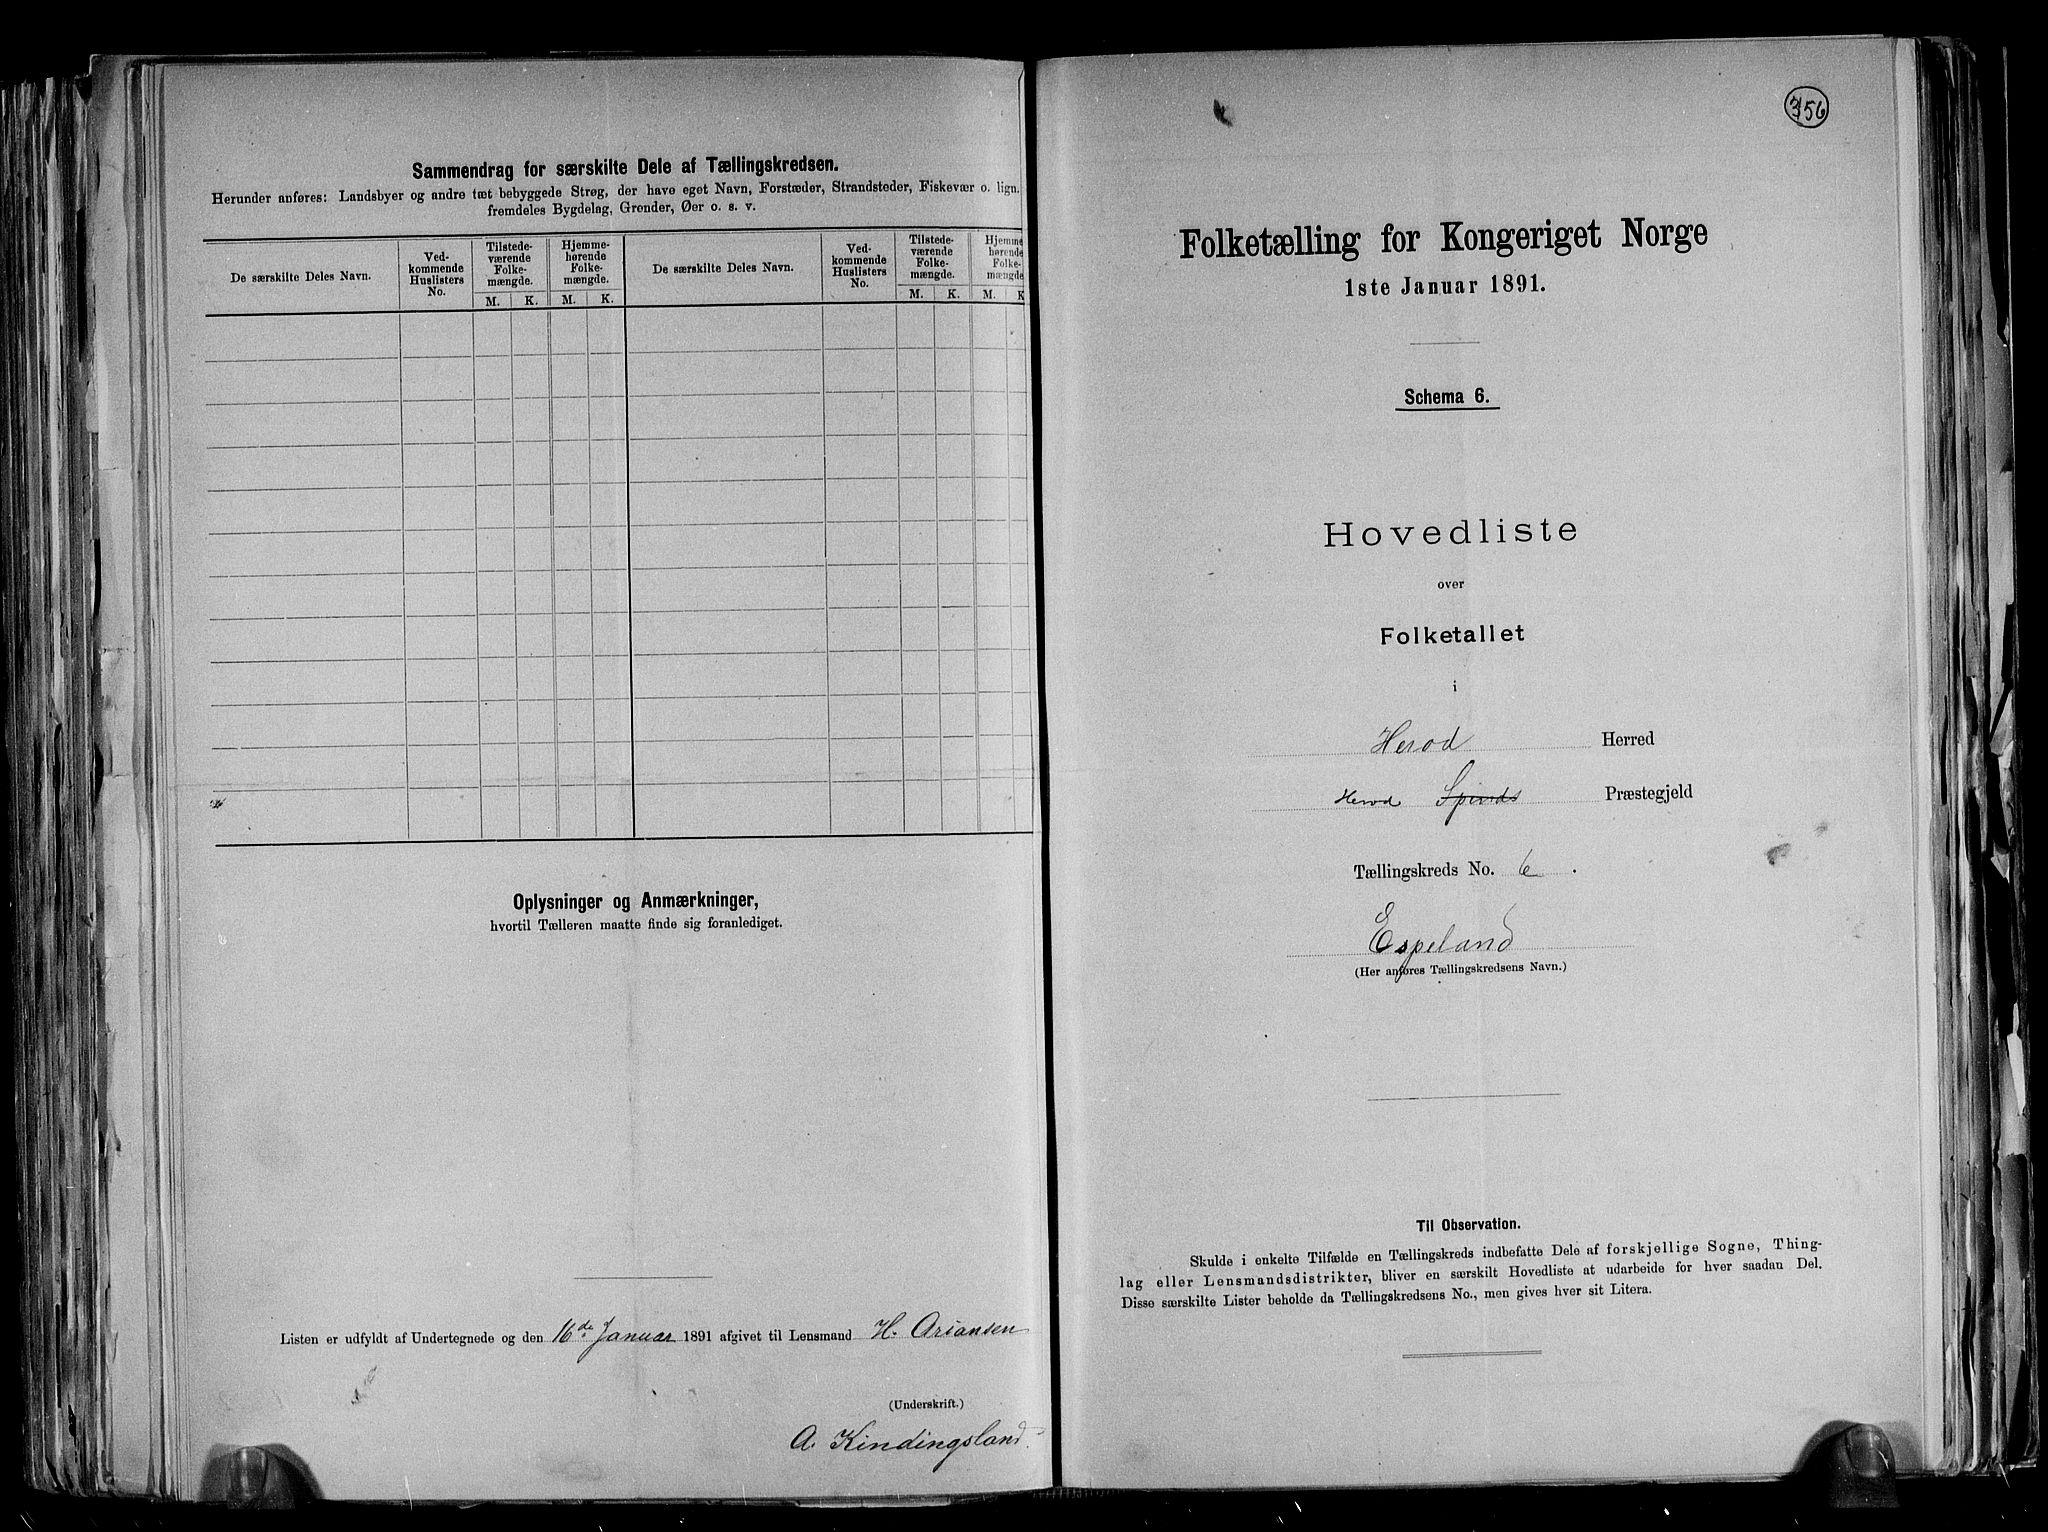 RA, Folketelling 1891 for 1039 Herad herred, 1891, s. 16